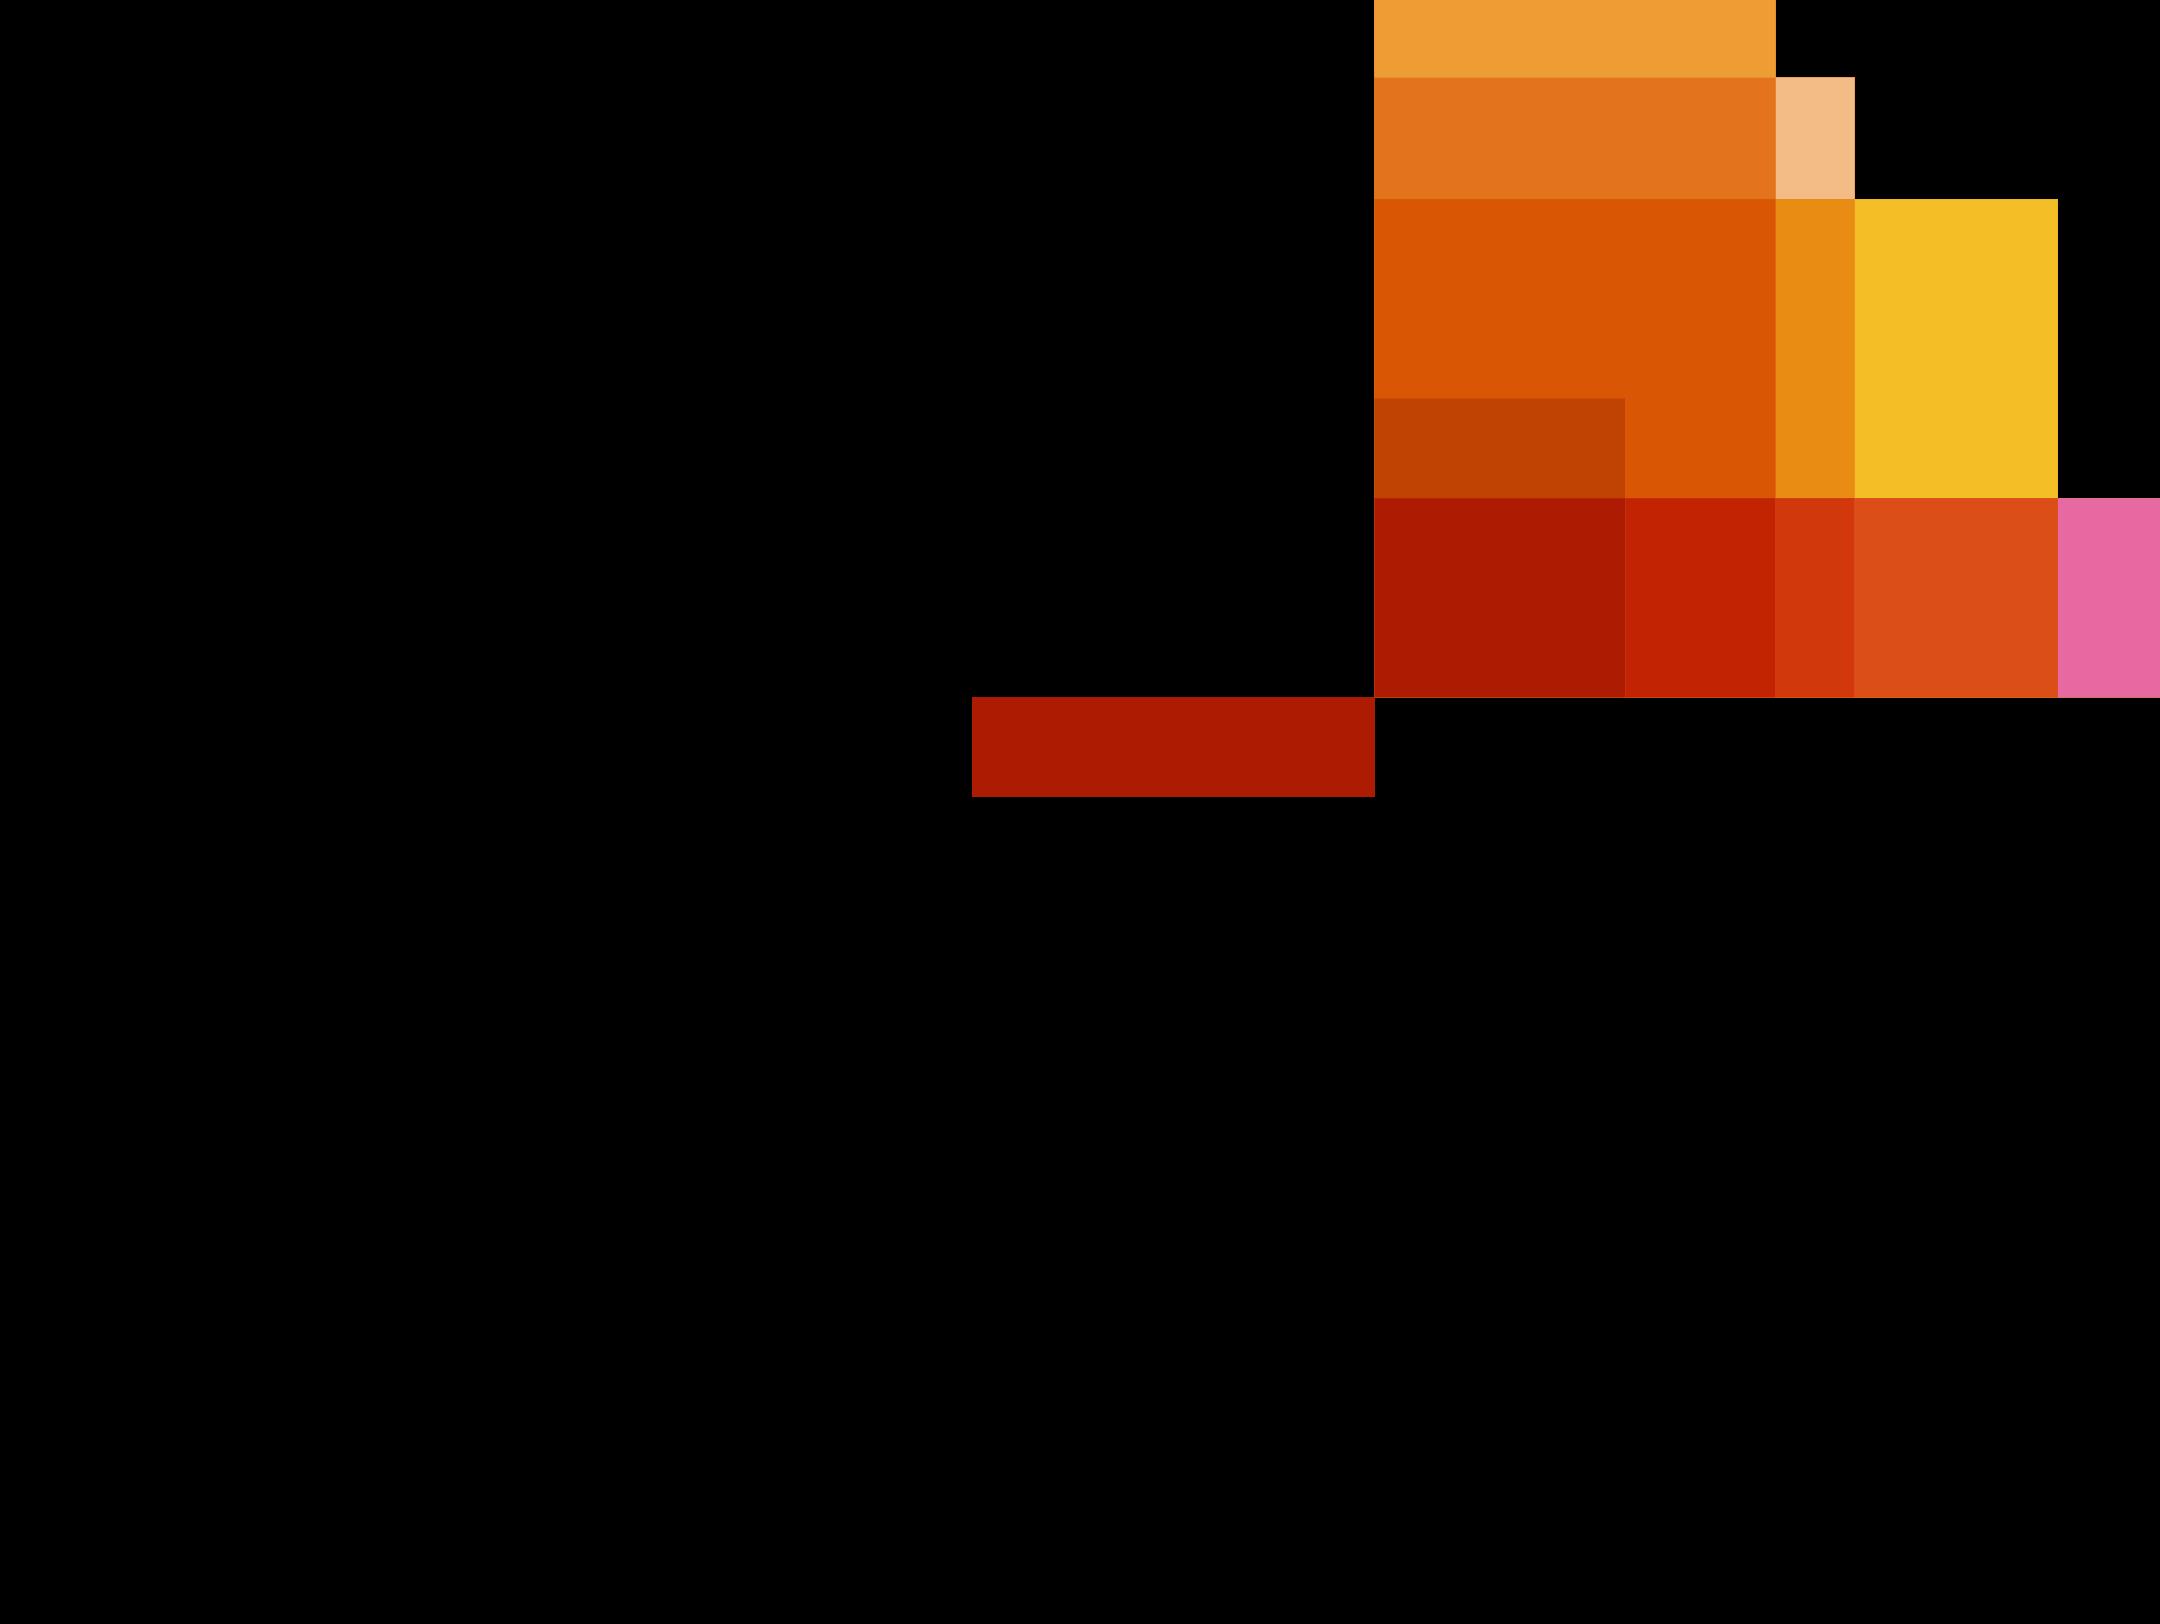 pwc logo 1 - PwC Logo